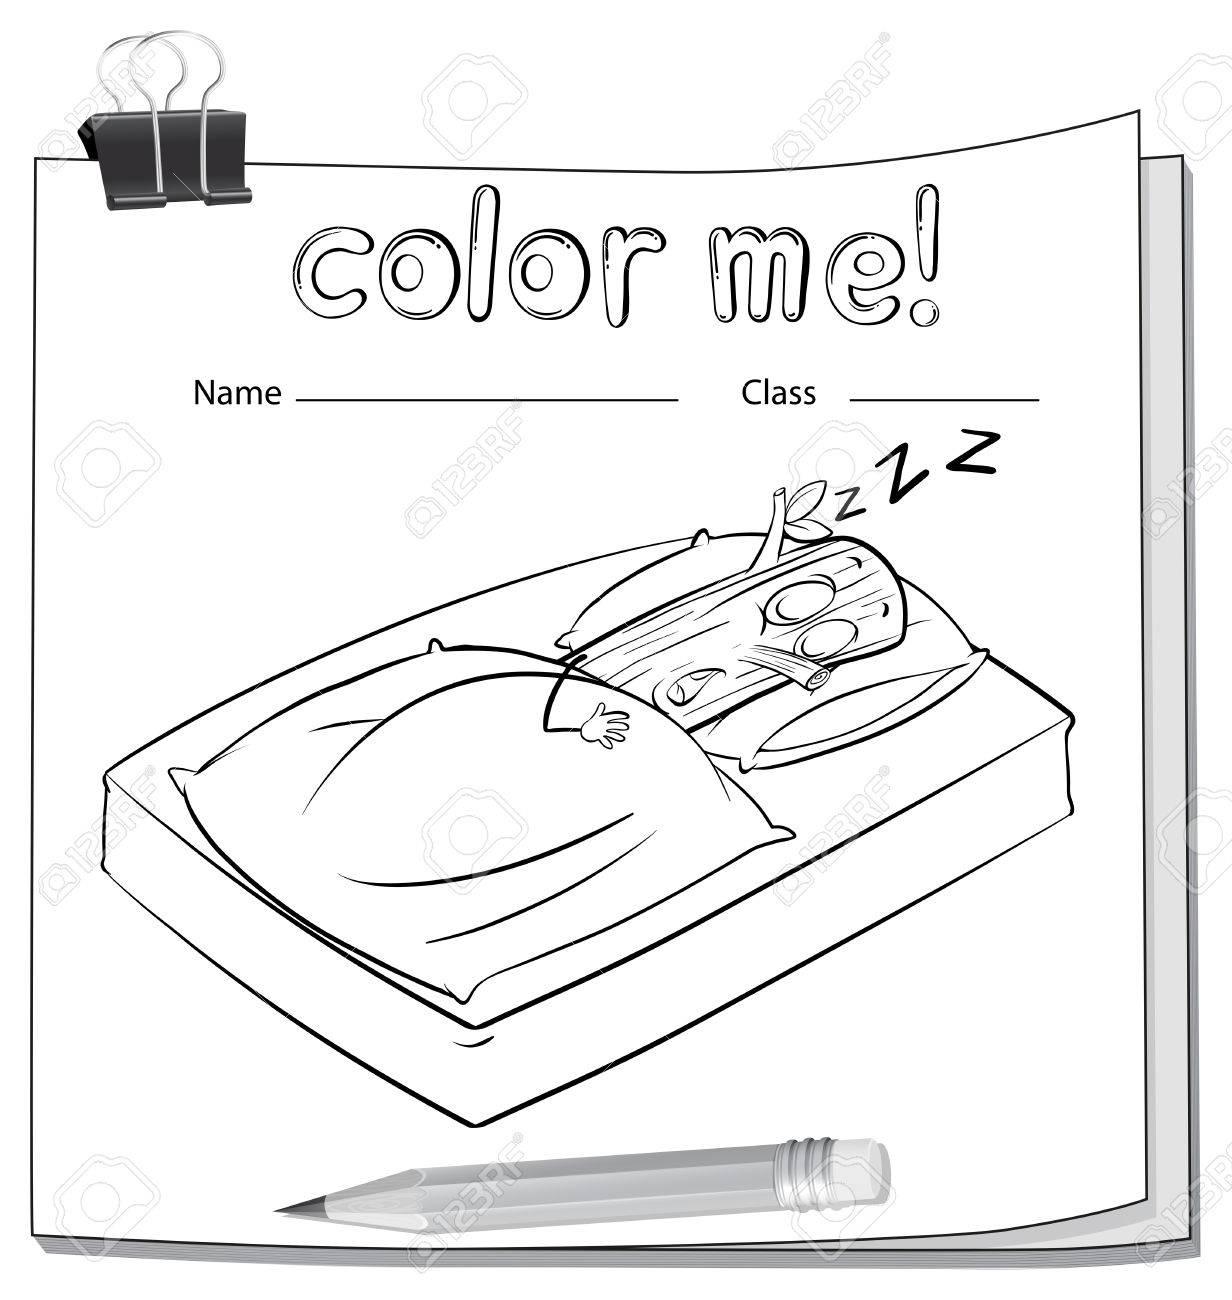 Ein Arbeitsblatt Mit Einer Log Schlafen Gut Auf Weißem Hintergrund ...